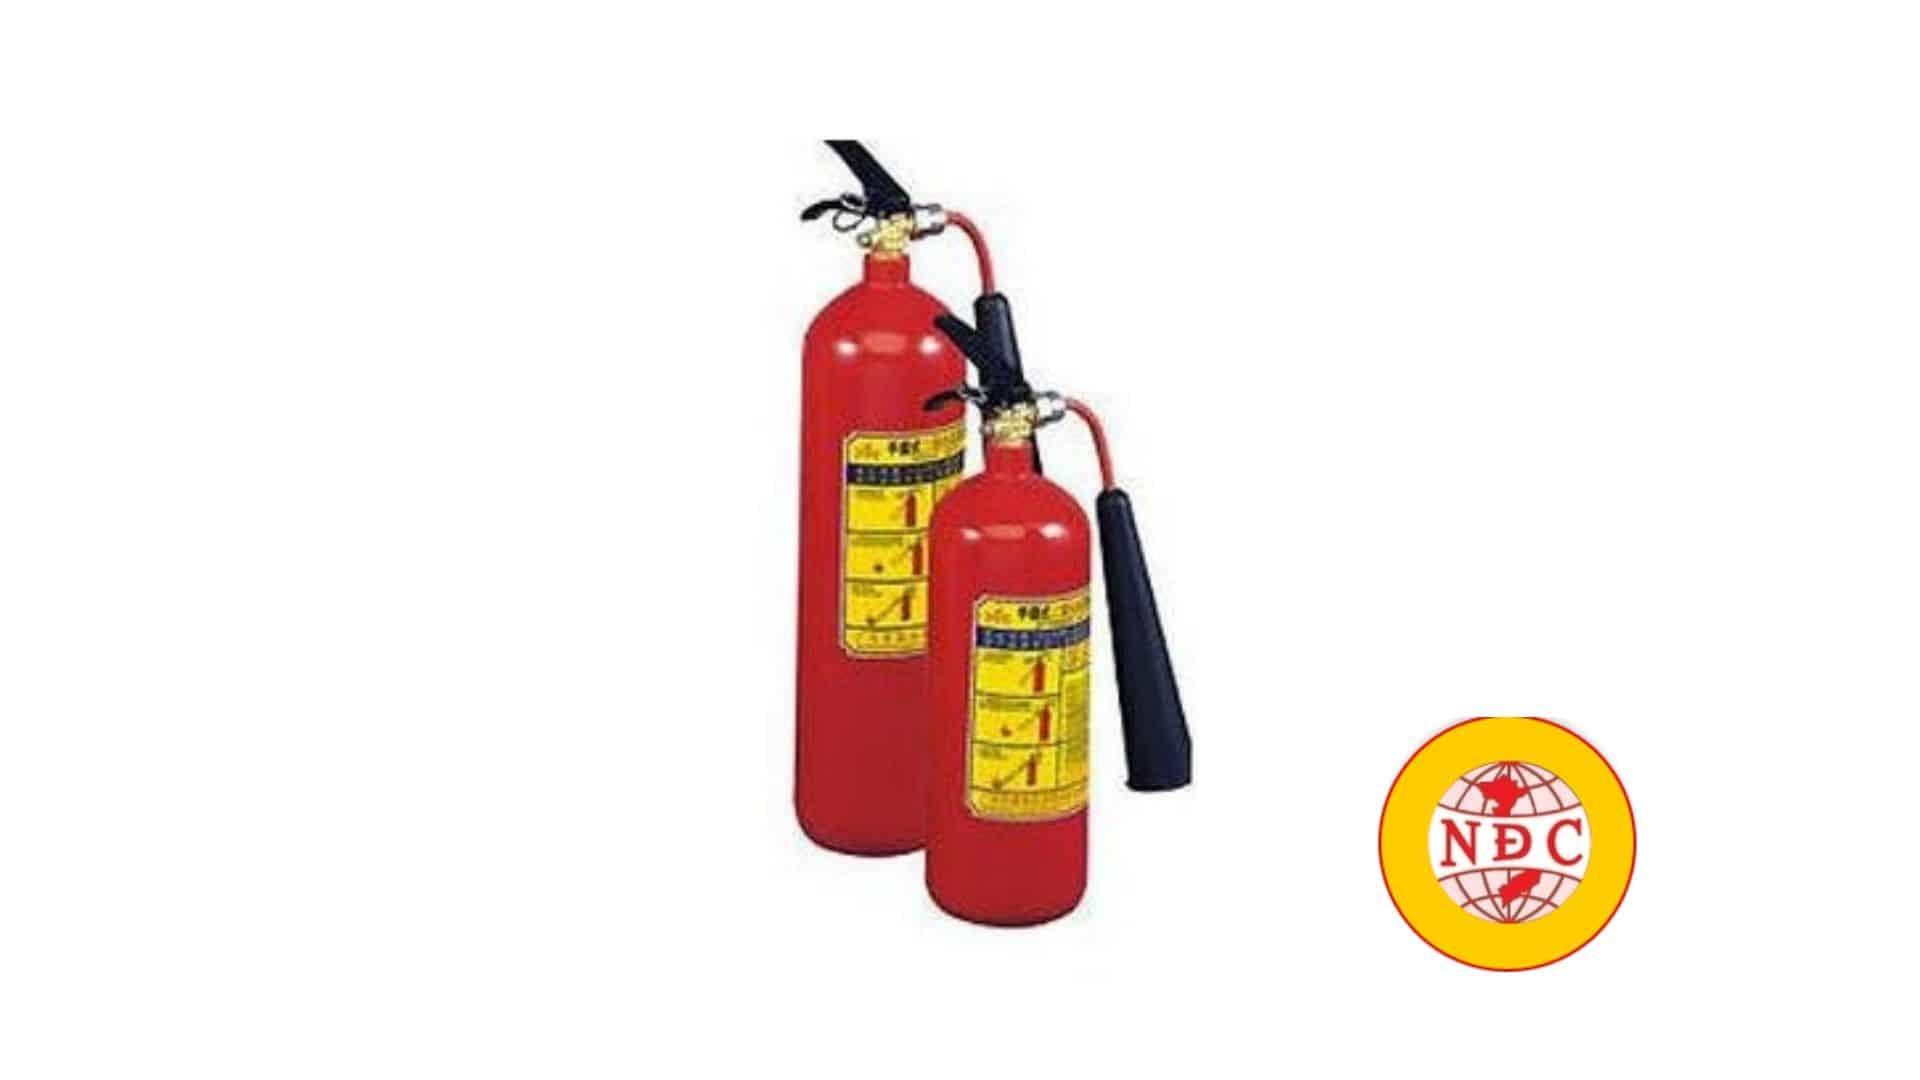 Những lưu ý khi sử dụng bình chữa cháy